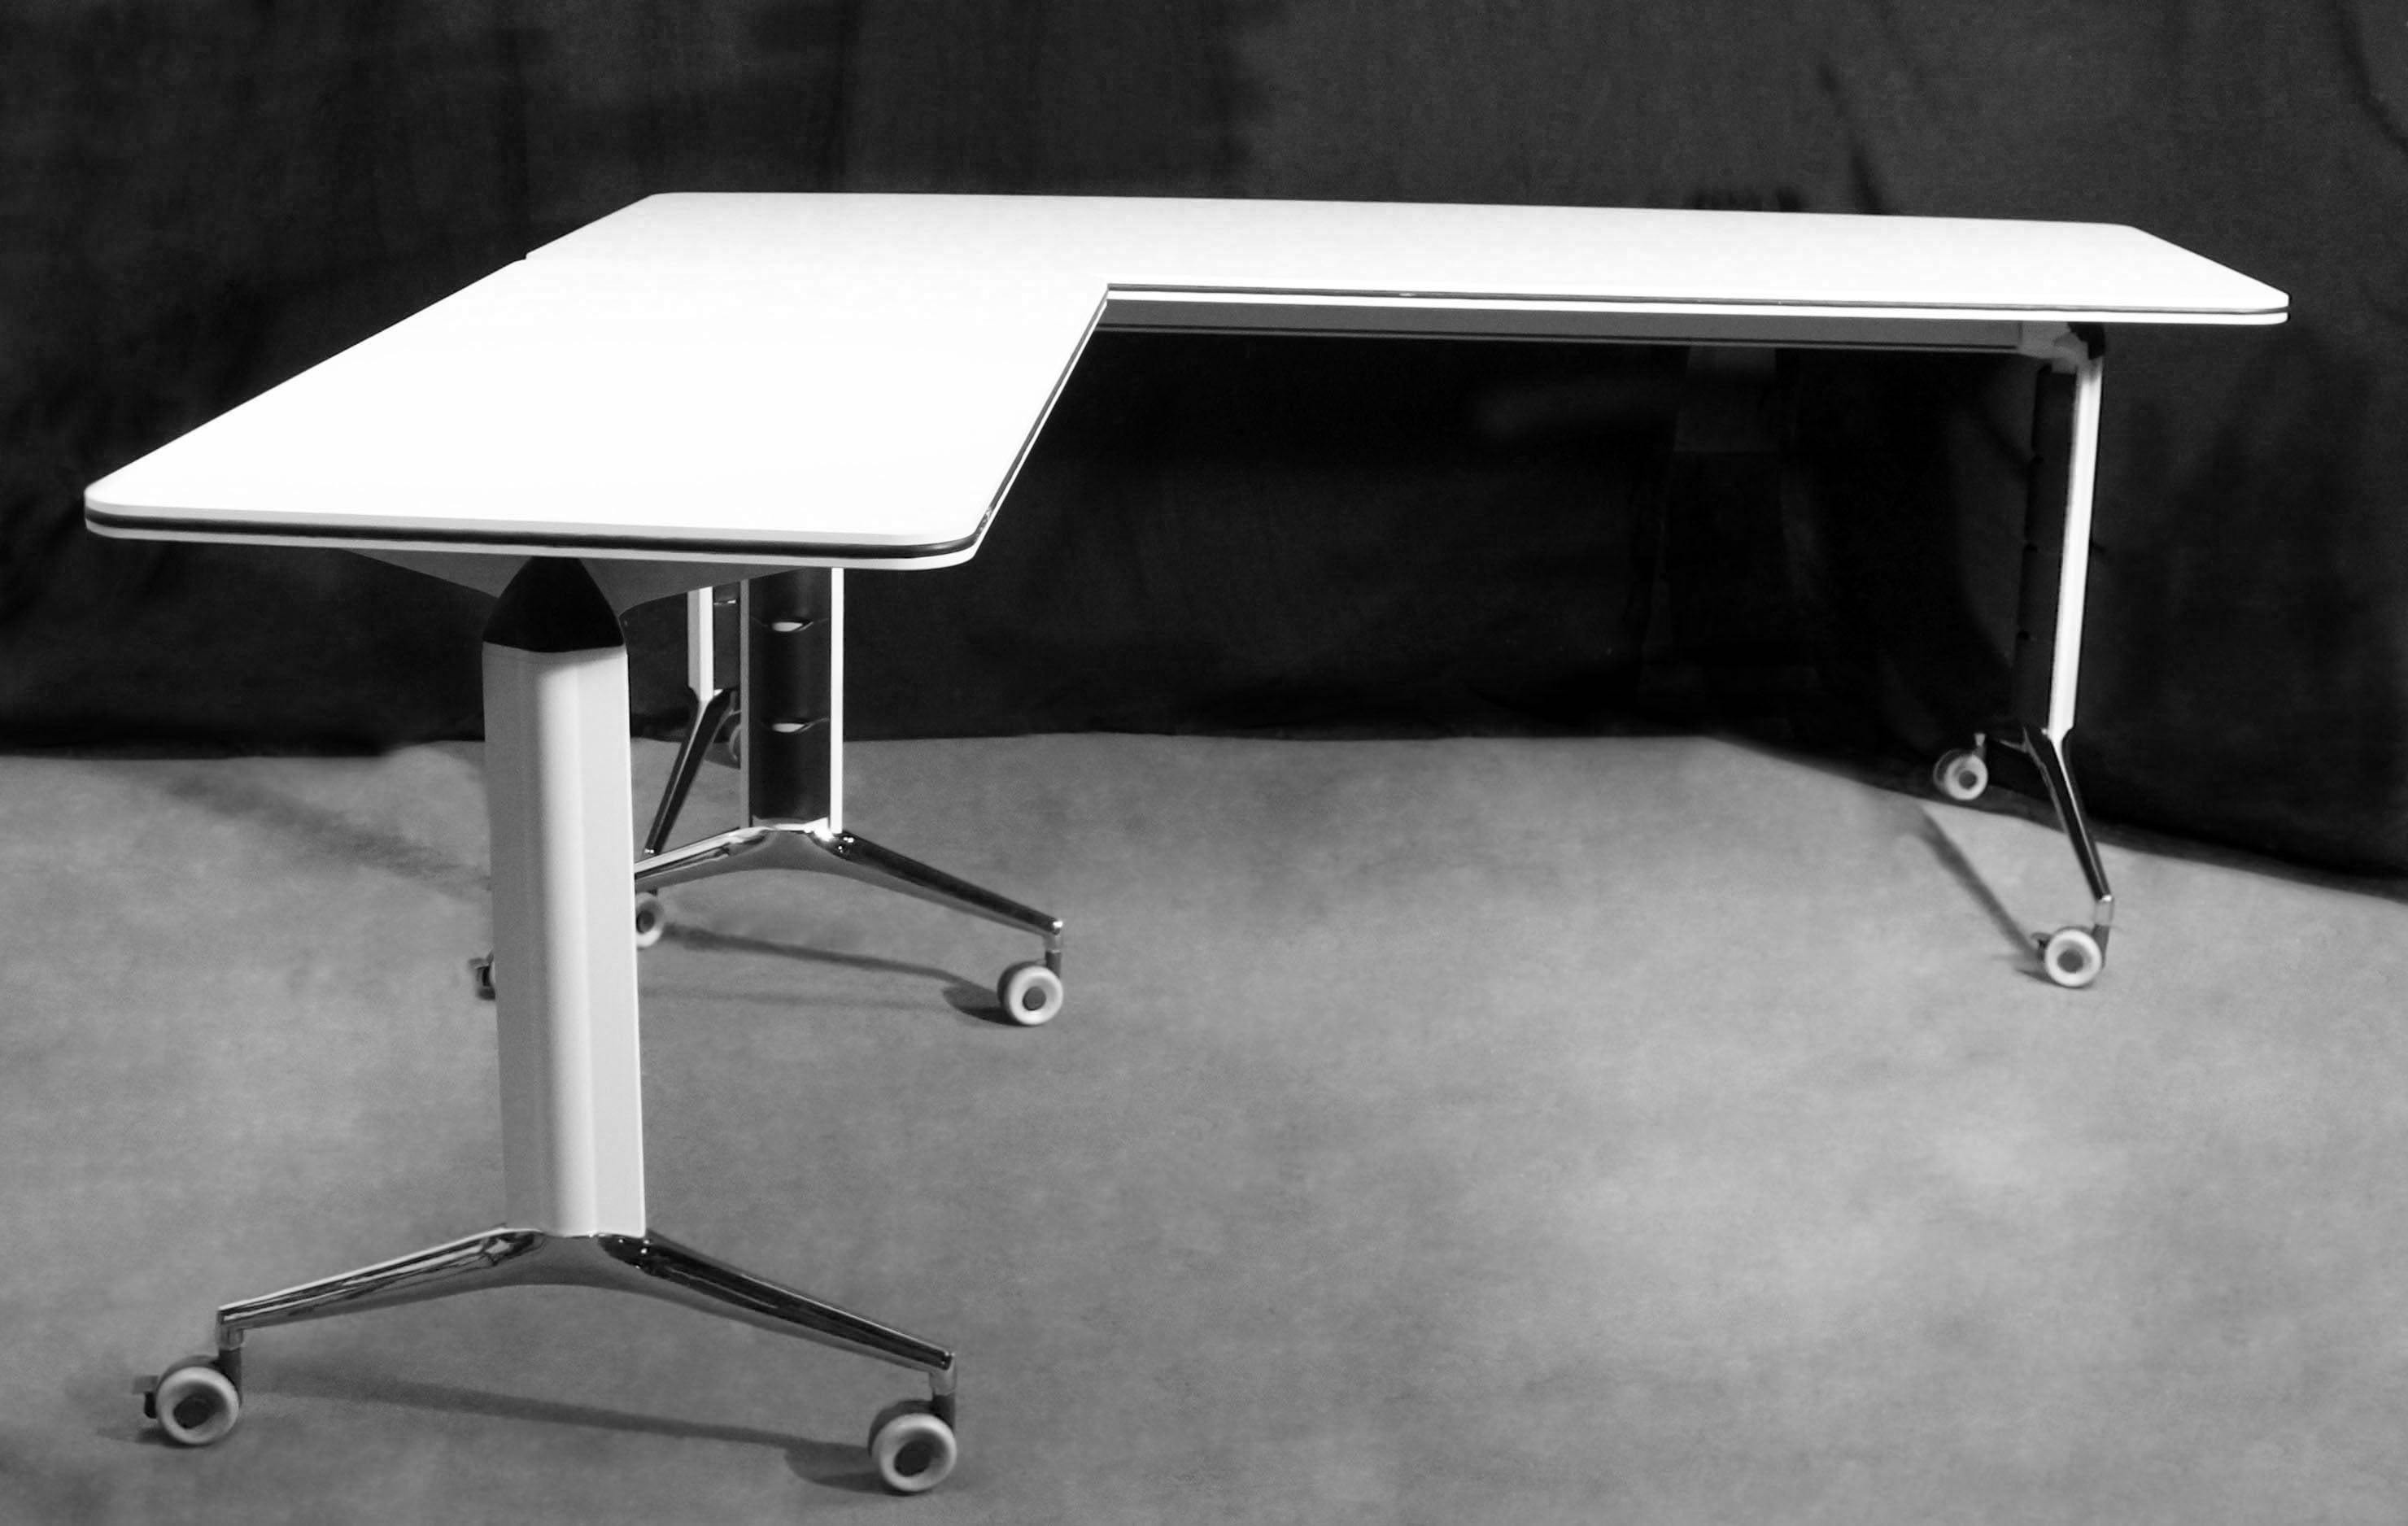 Gosit new mobile nesting training tables white